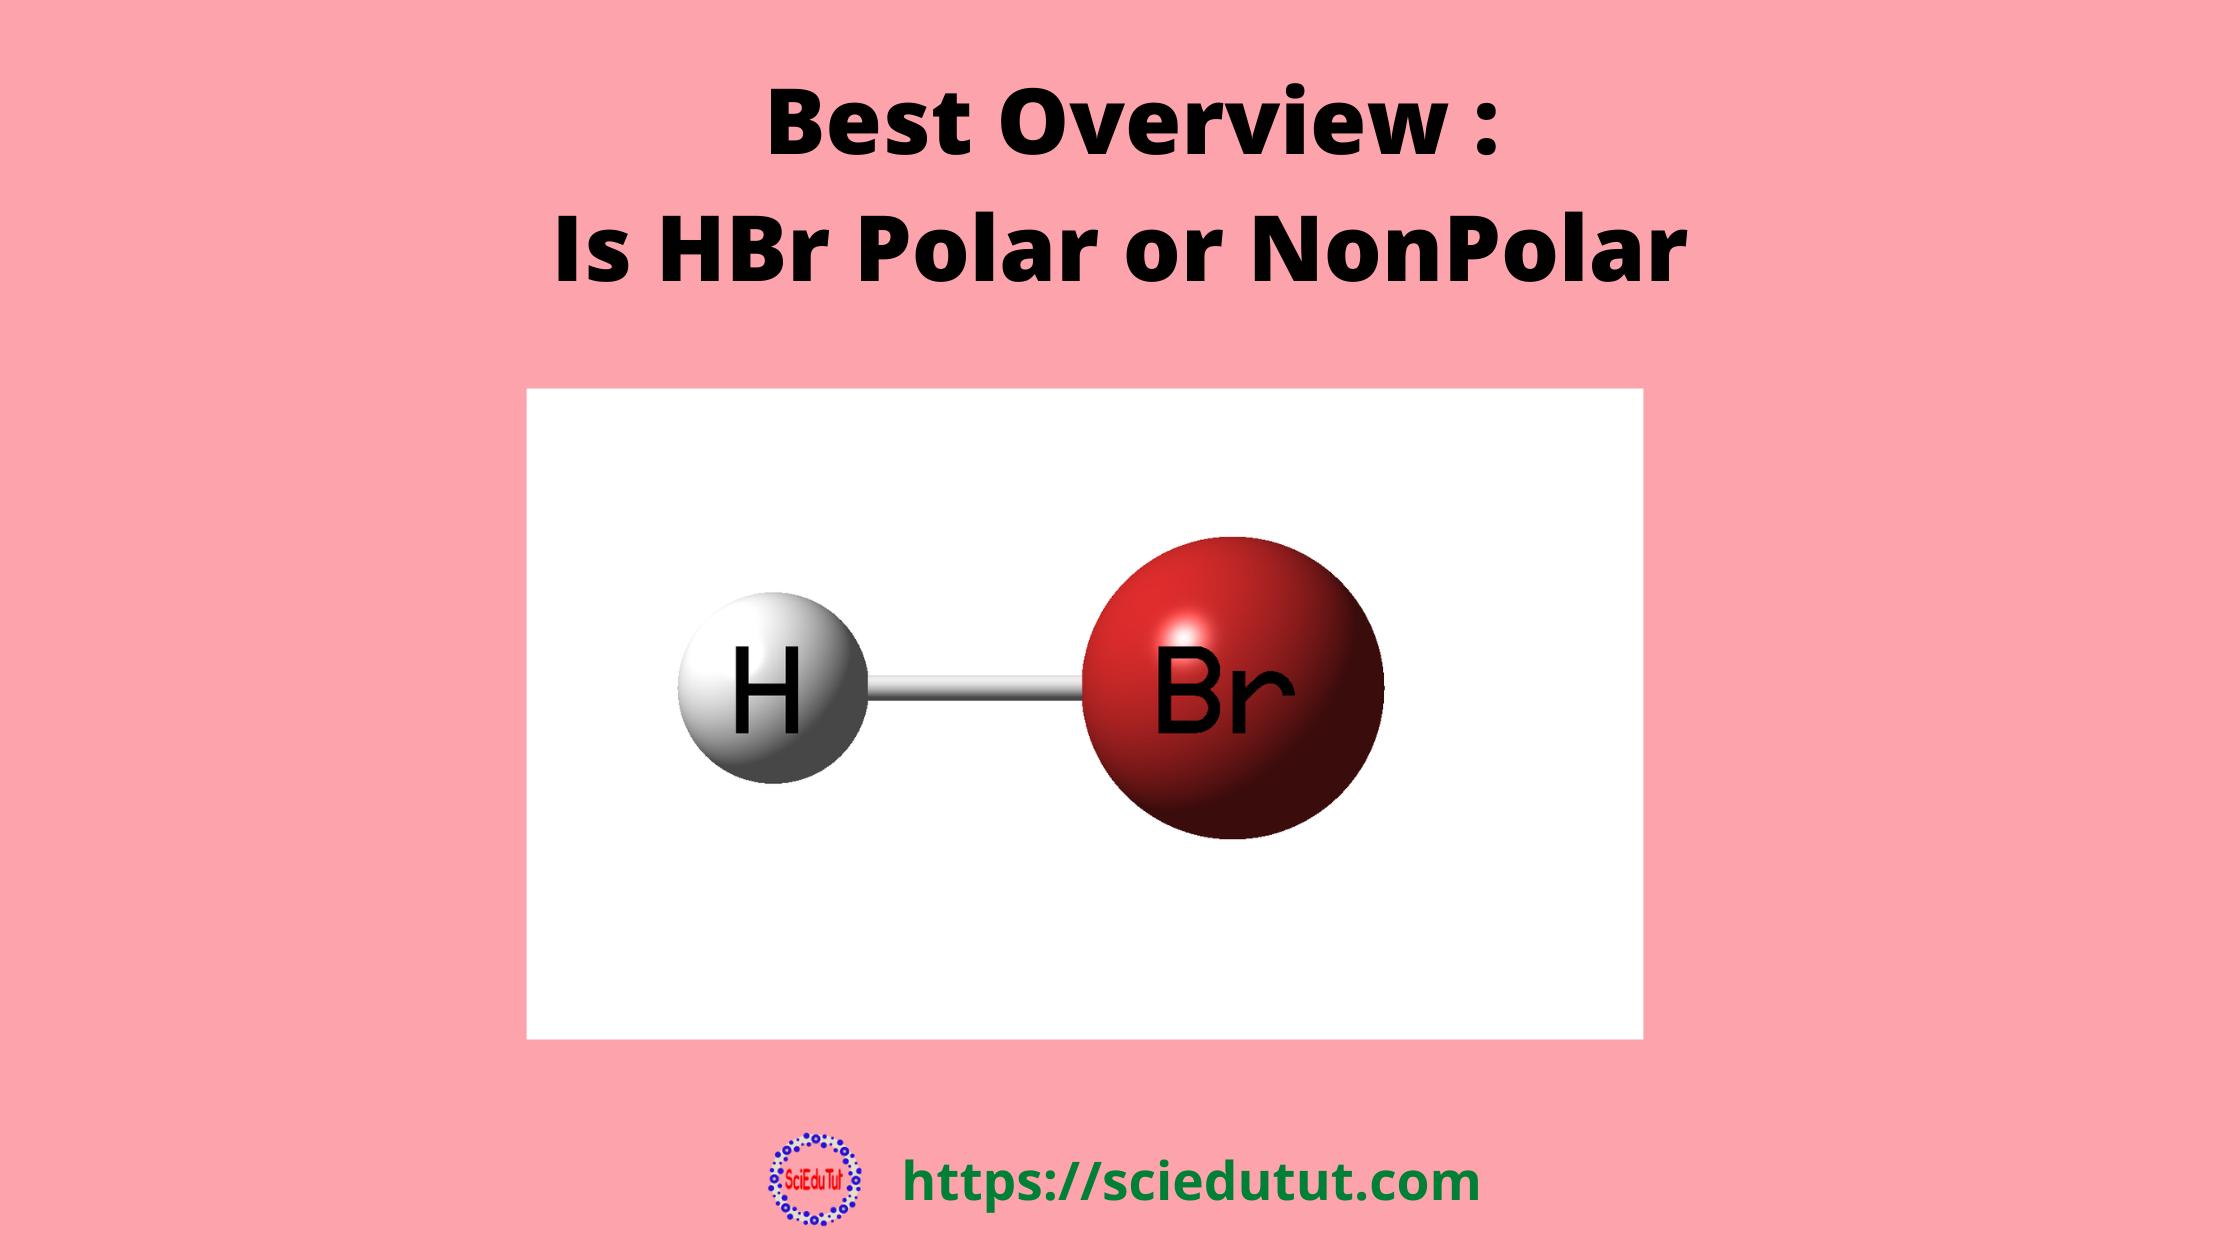 Is HBr polar or nonpolar